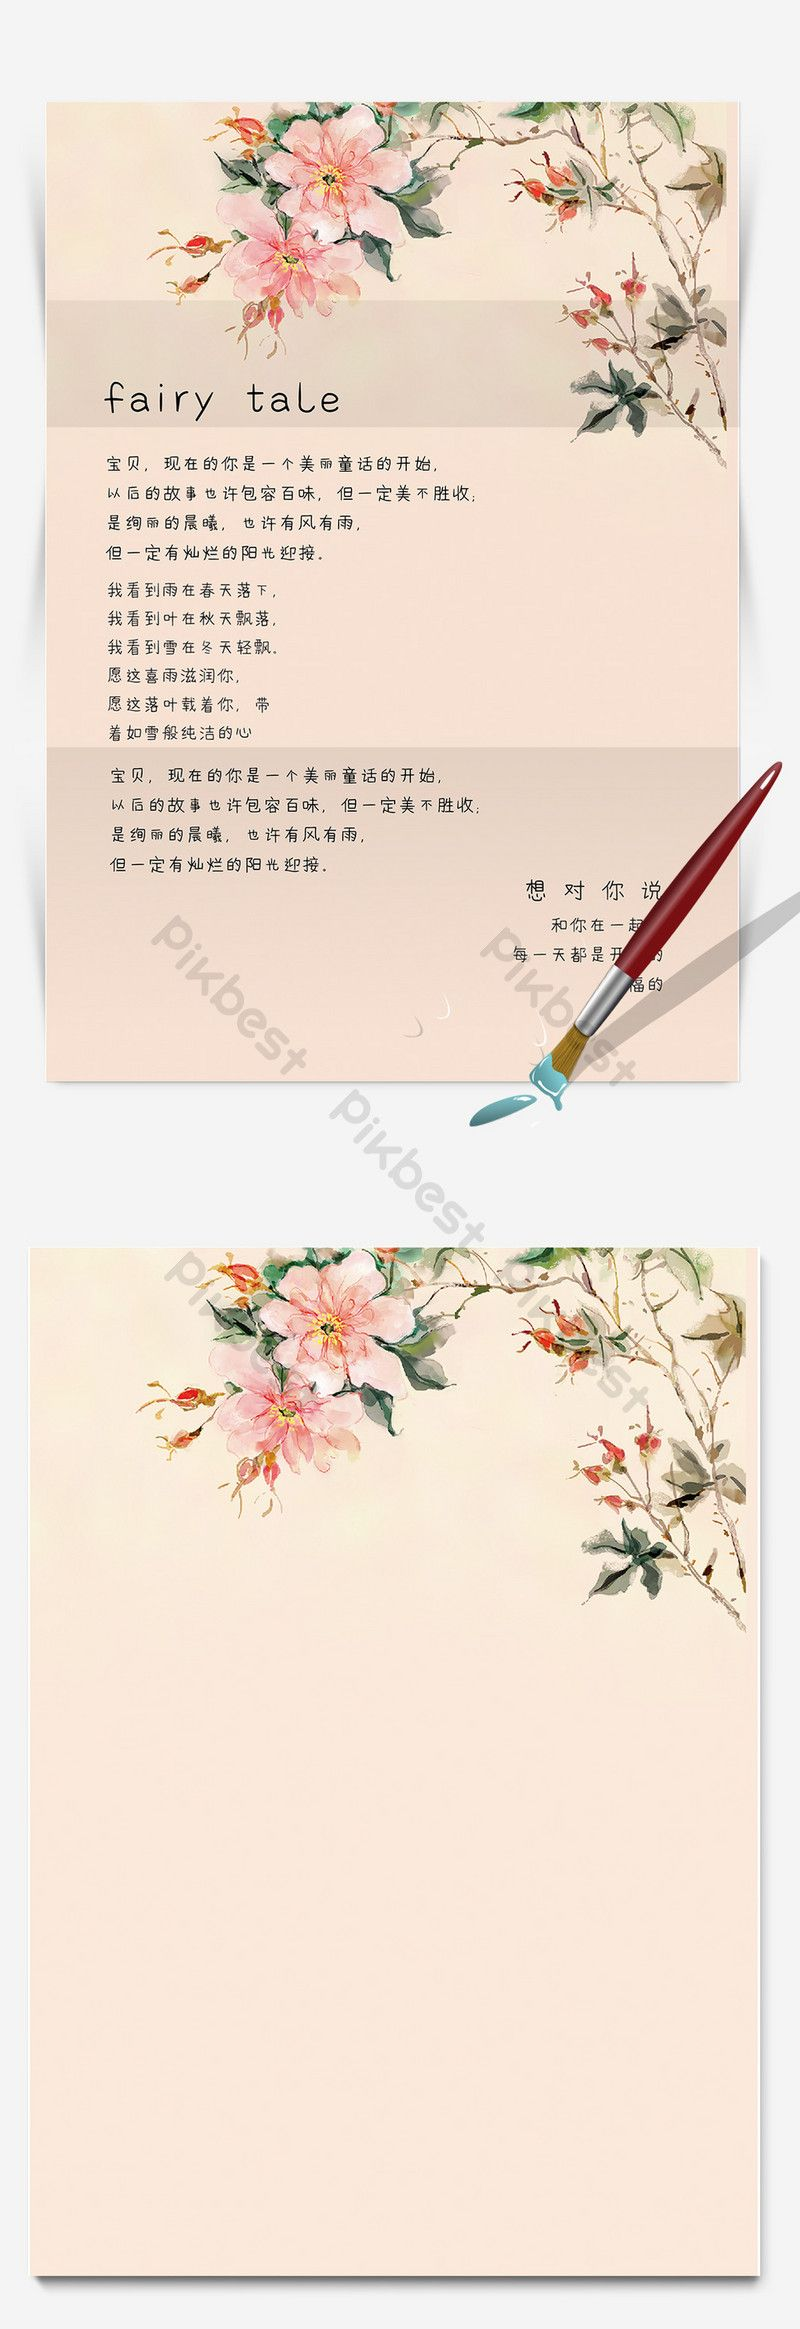 زهرة الصينية قالب القرطاسية كلمة Word Doc تحميل مجاني Pikbest Chinese Flowers Stationery Templates Stationery